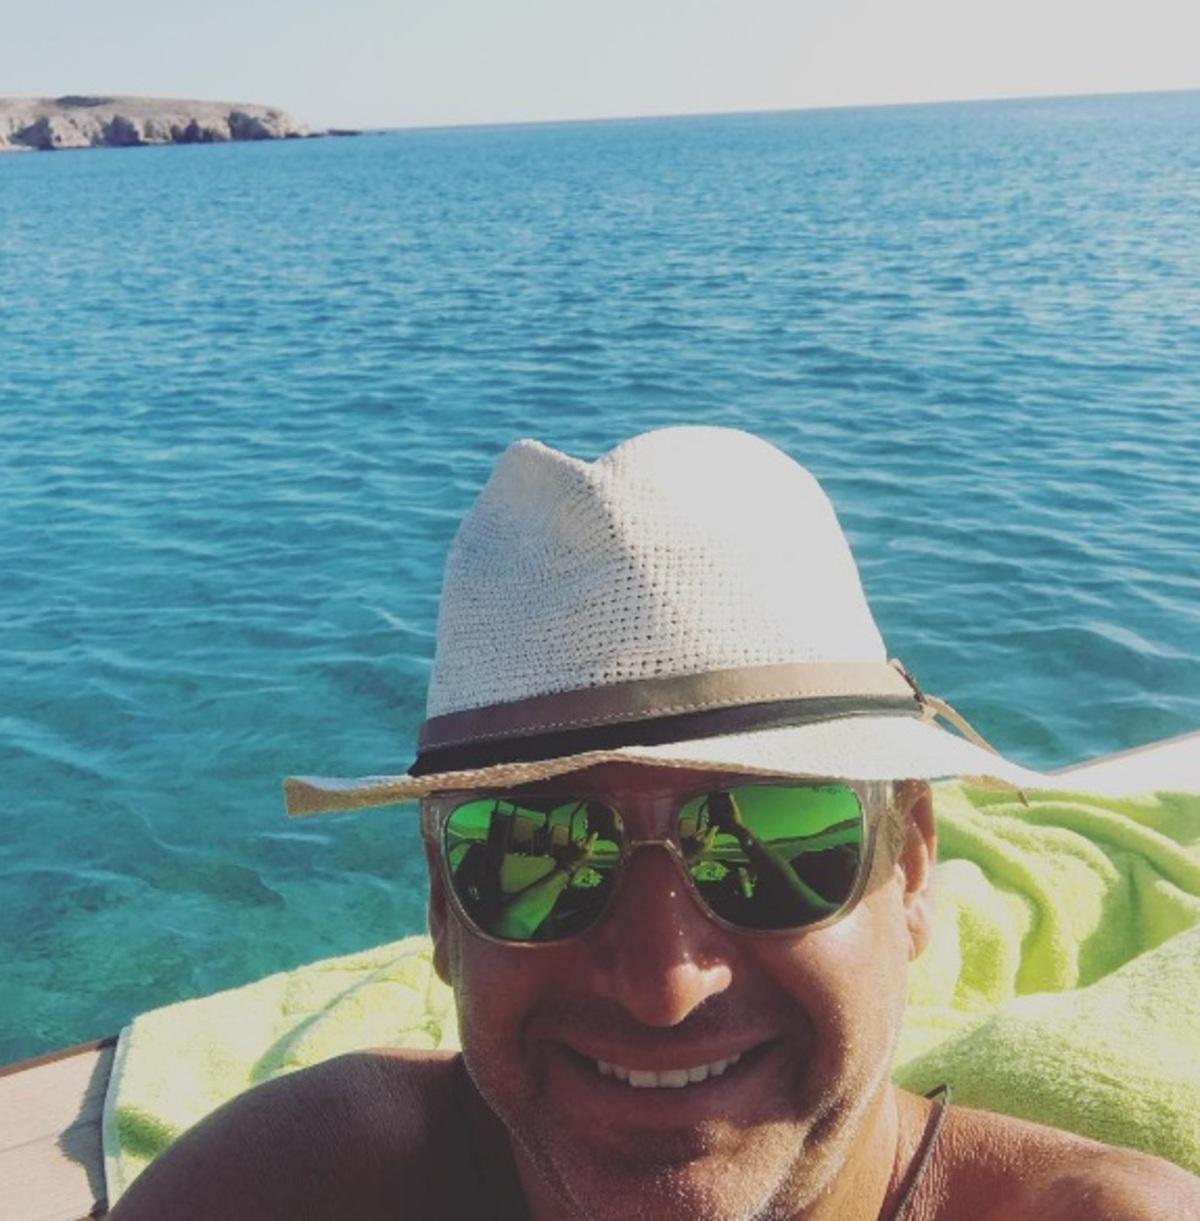 Γιώργος Λιάγκας: Η απίστευτη βουτιά του στα καταγάλανα νερά των Αντιπαξών! Video | Newsit.gr